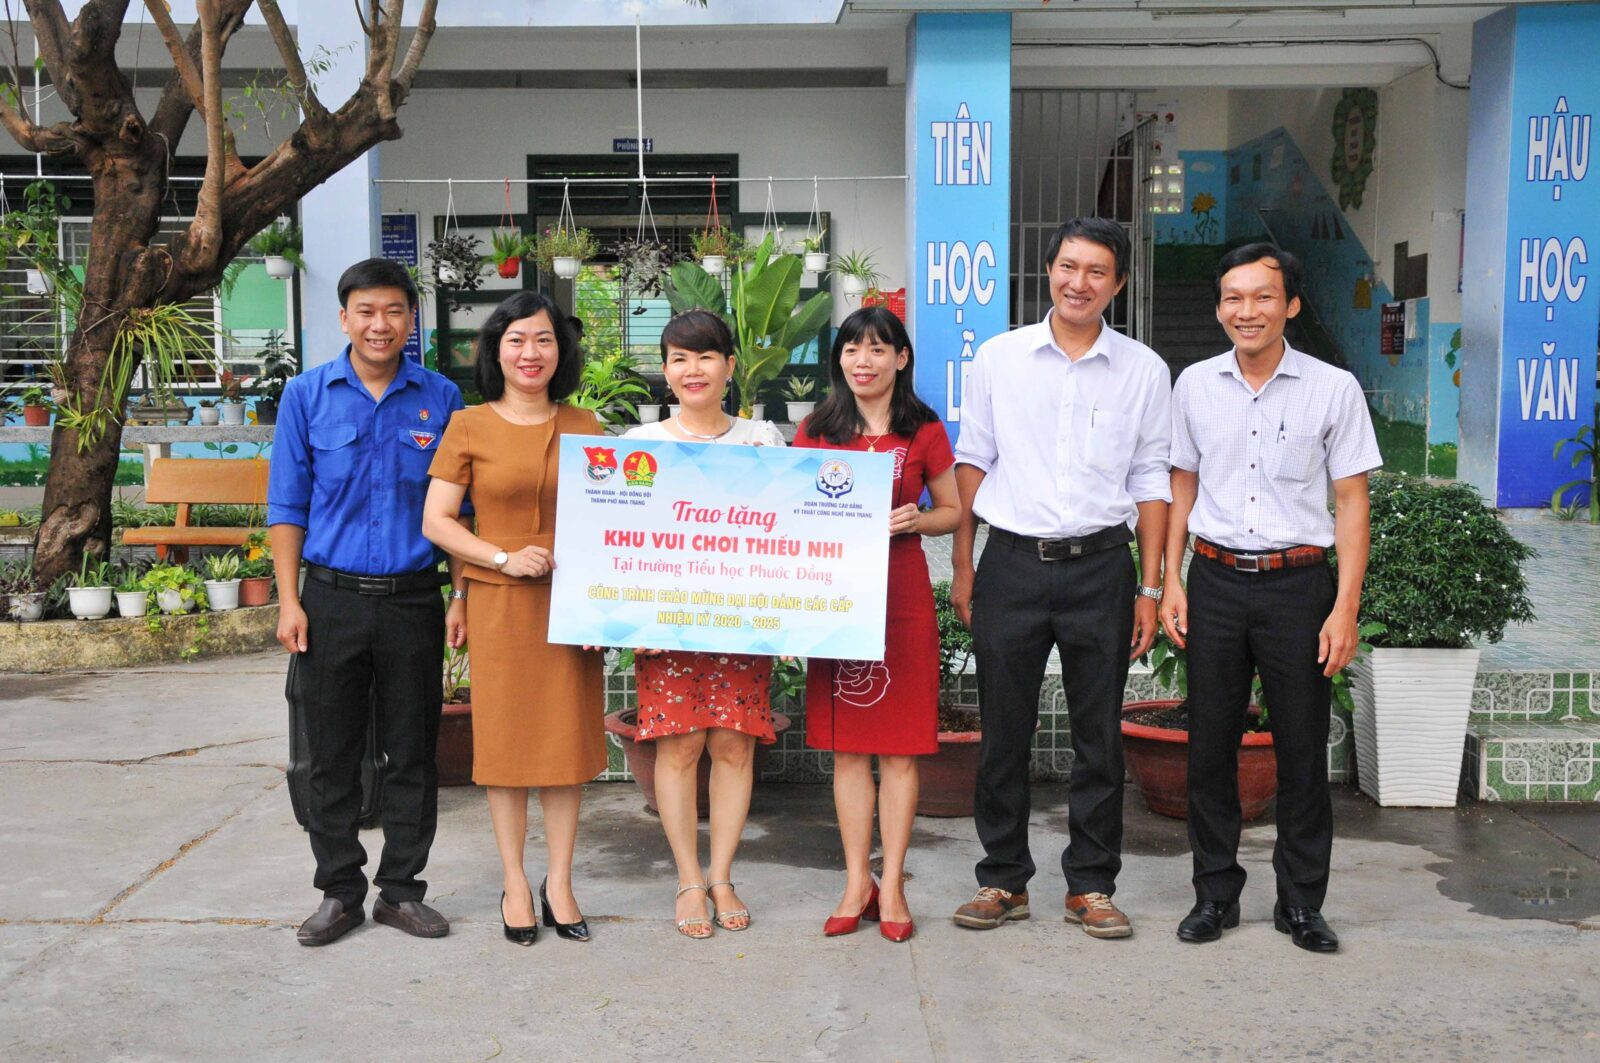 Trao biểu trưng công trình thanh niên cho Trường Tiểu học Phước Đồng